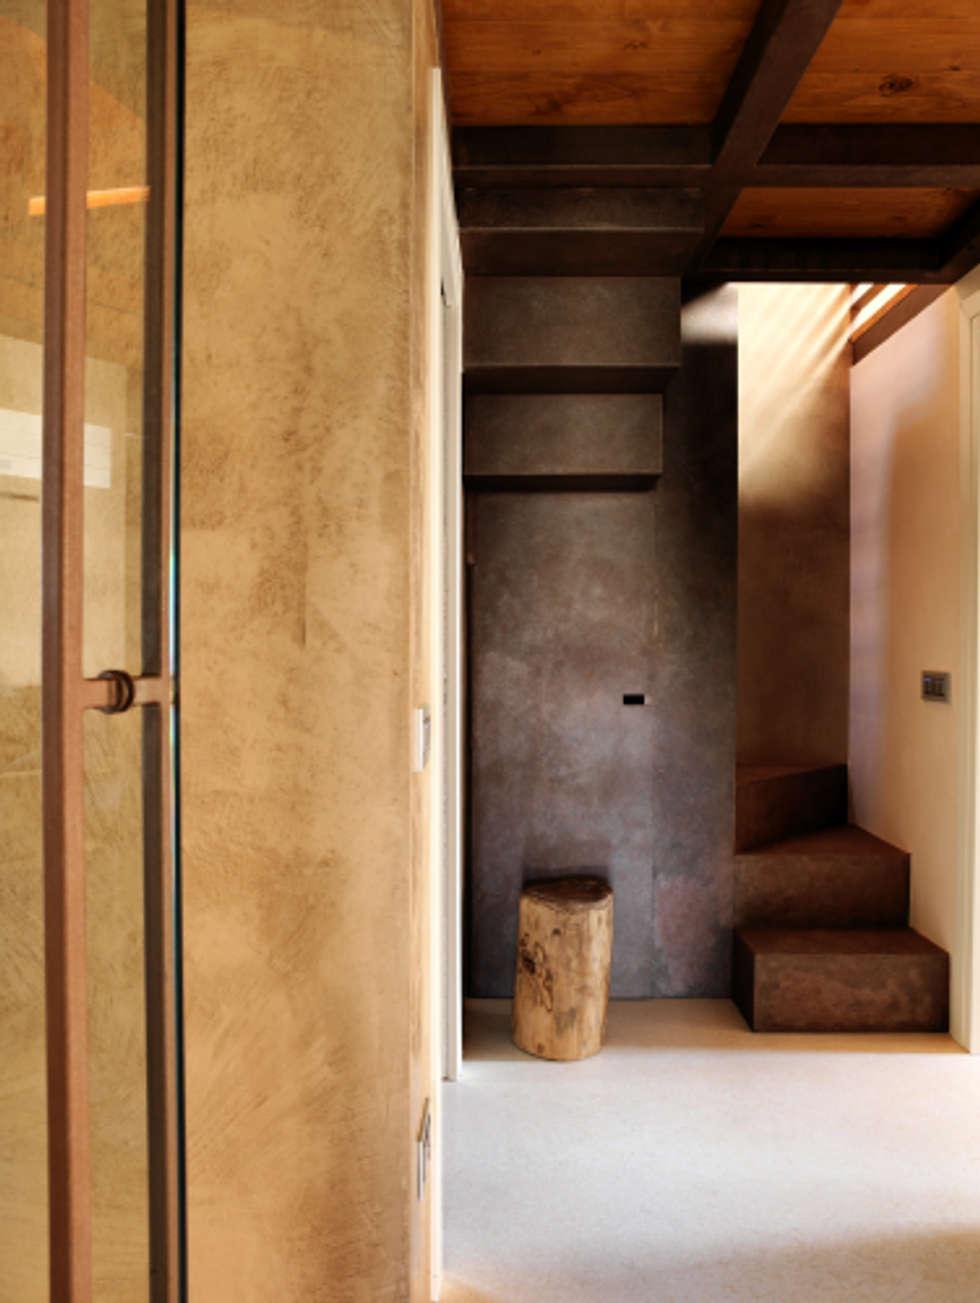 Corridoio con scaletta soppalco: Ingresso & Corridoio in stile  di Daniele Franzoni Interior Designer - Architetto d'Interni